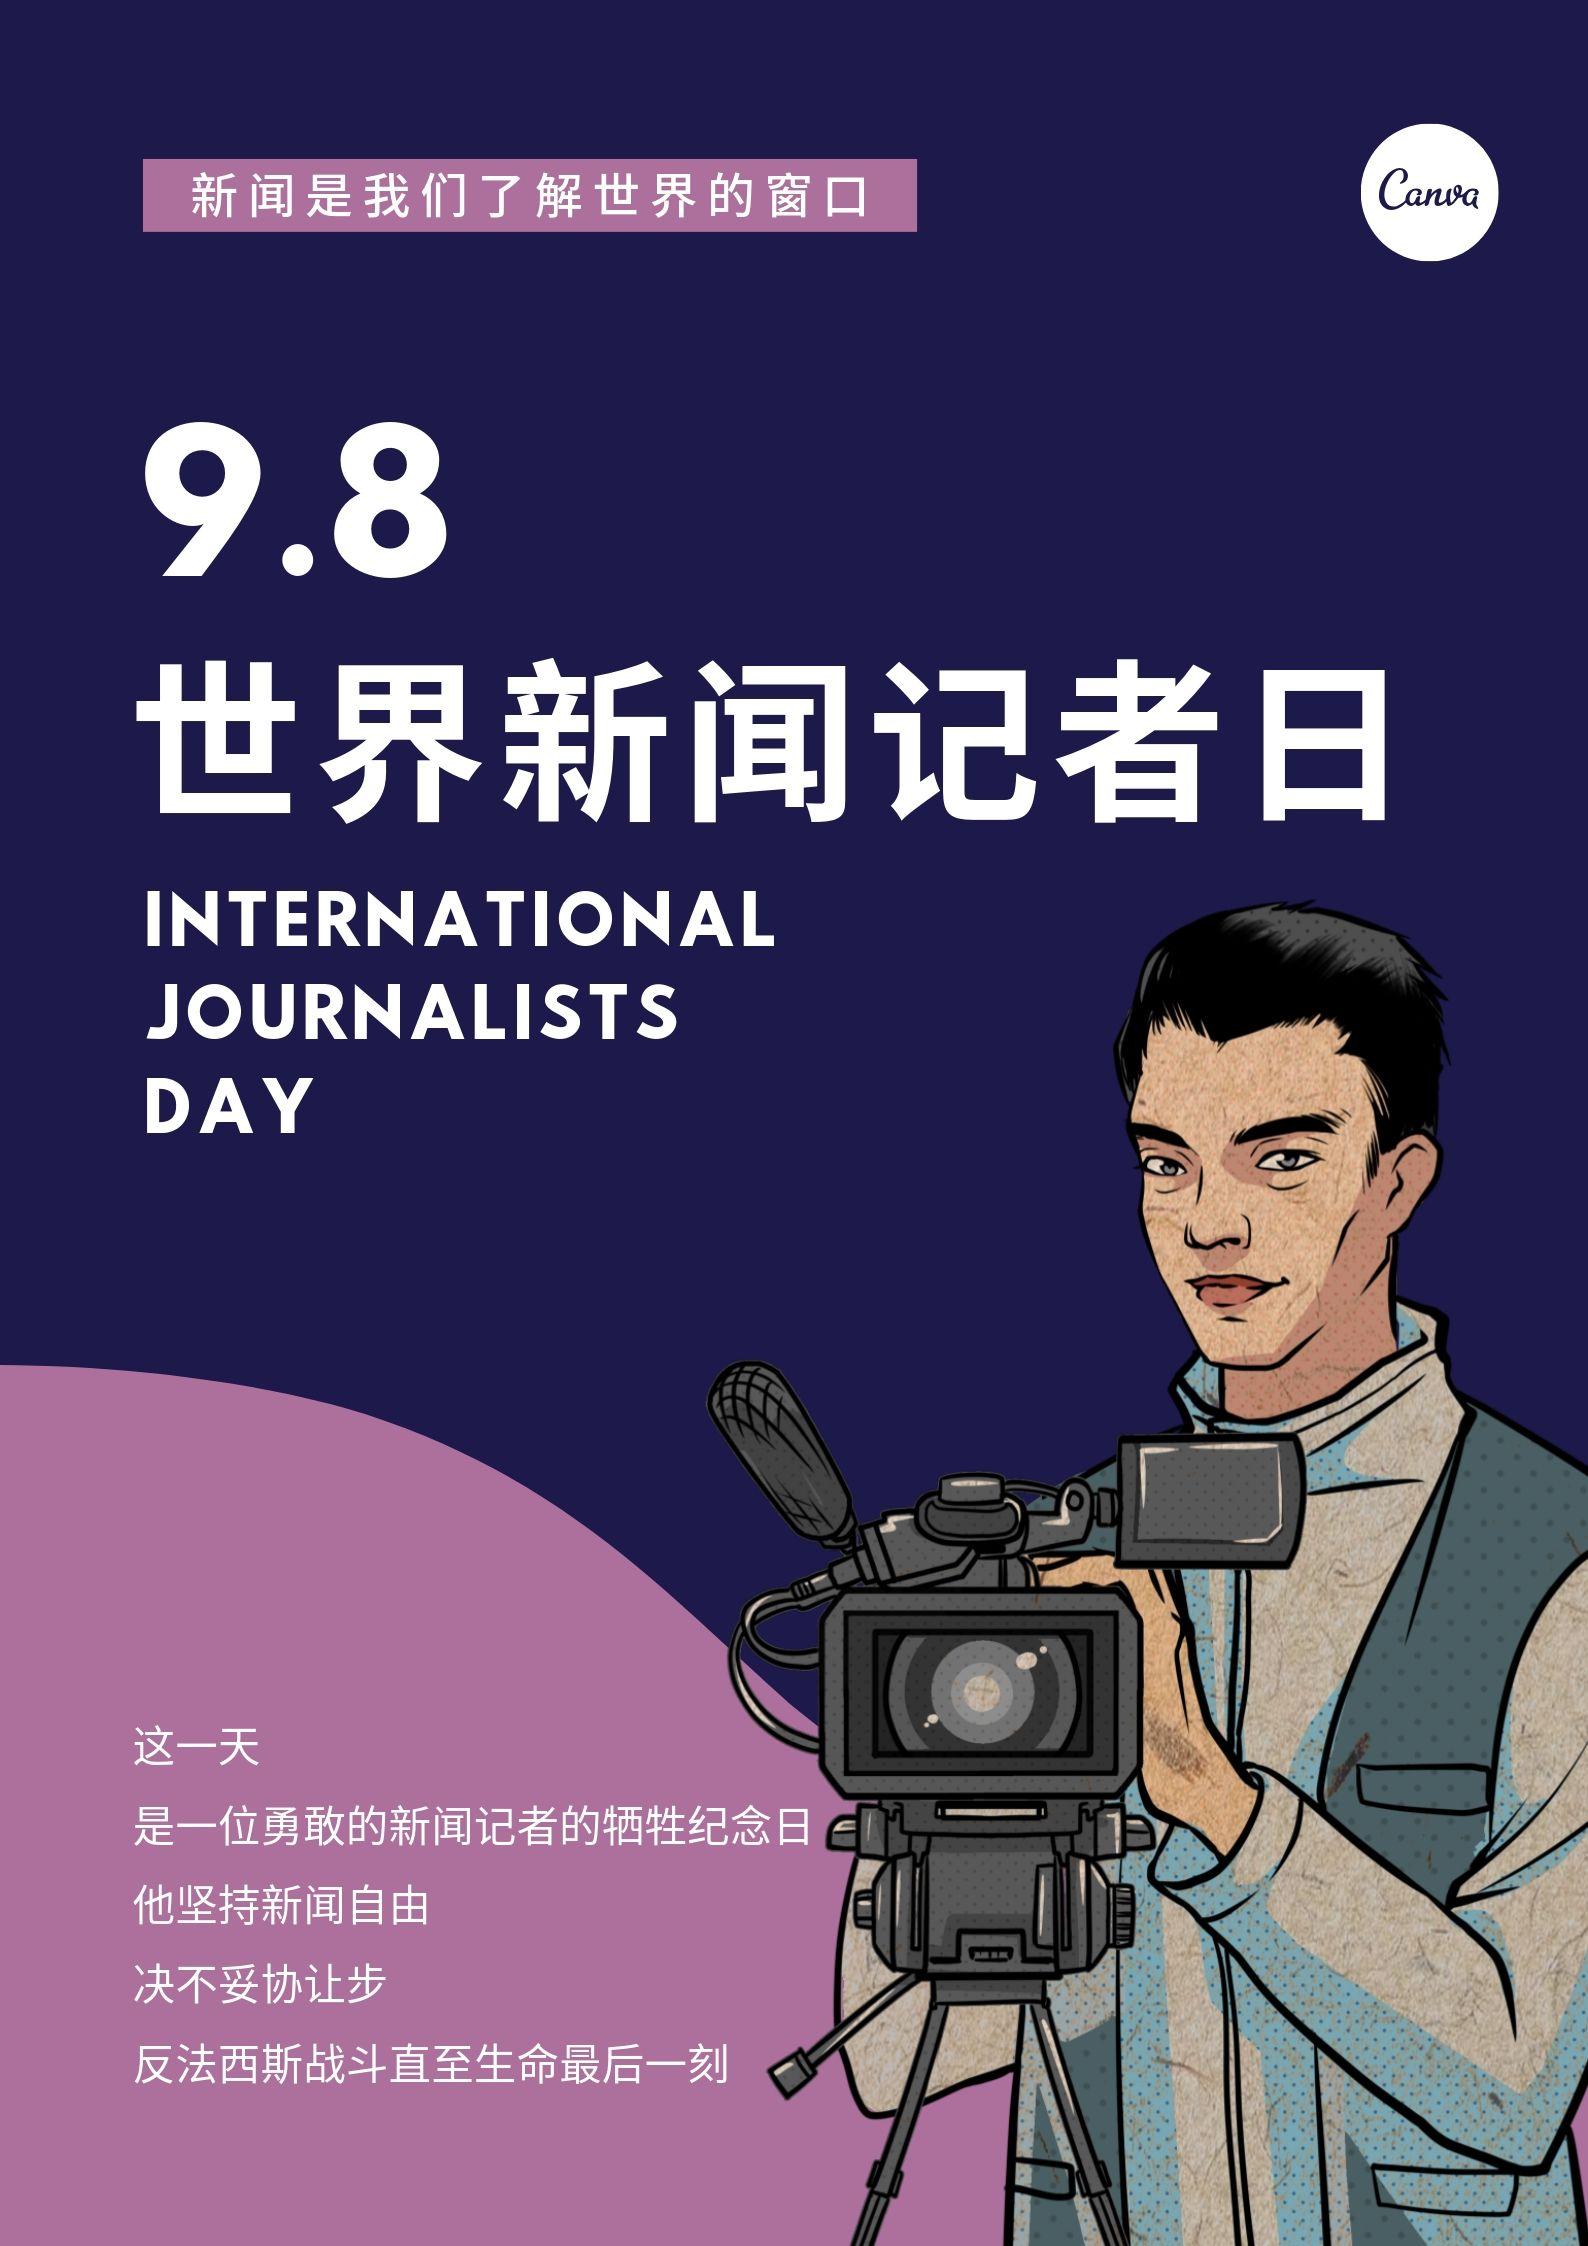 国际新闻工作者日图片